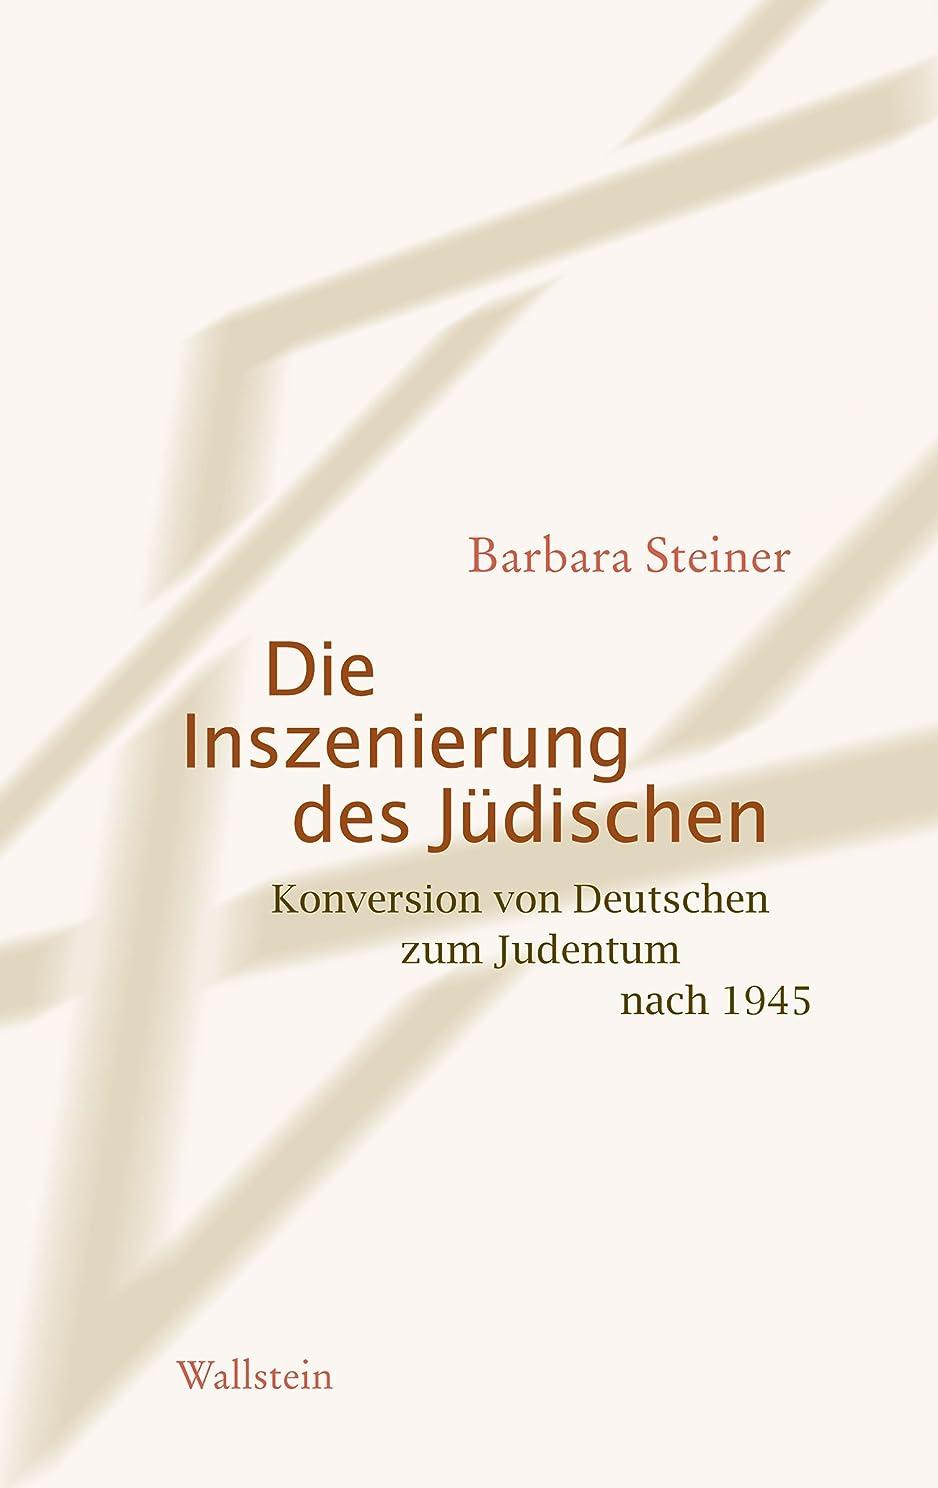 めんどり平行マークダウンDie Inszenierung des Jüdischen: Konversion von Deutschen zum Judentum nach 1945 (German Edition)